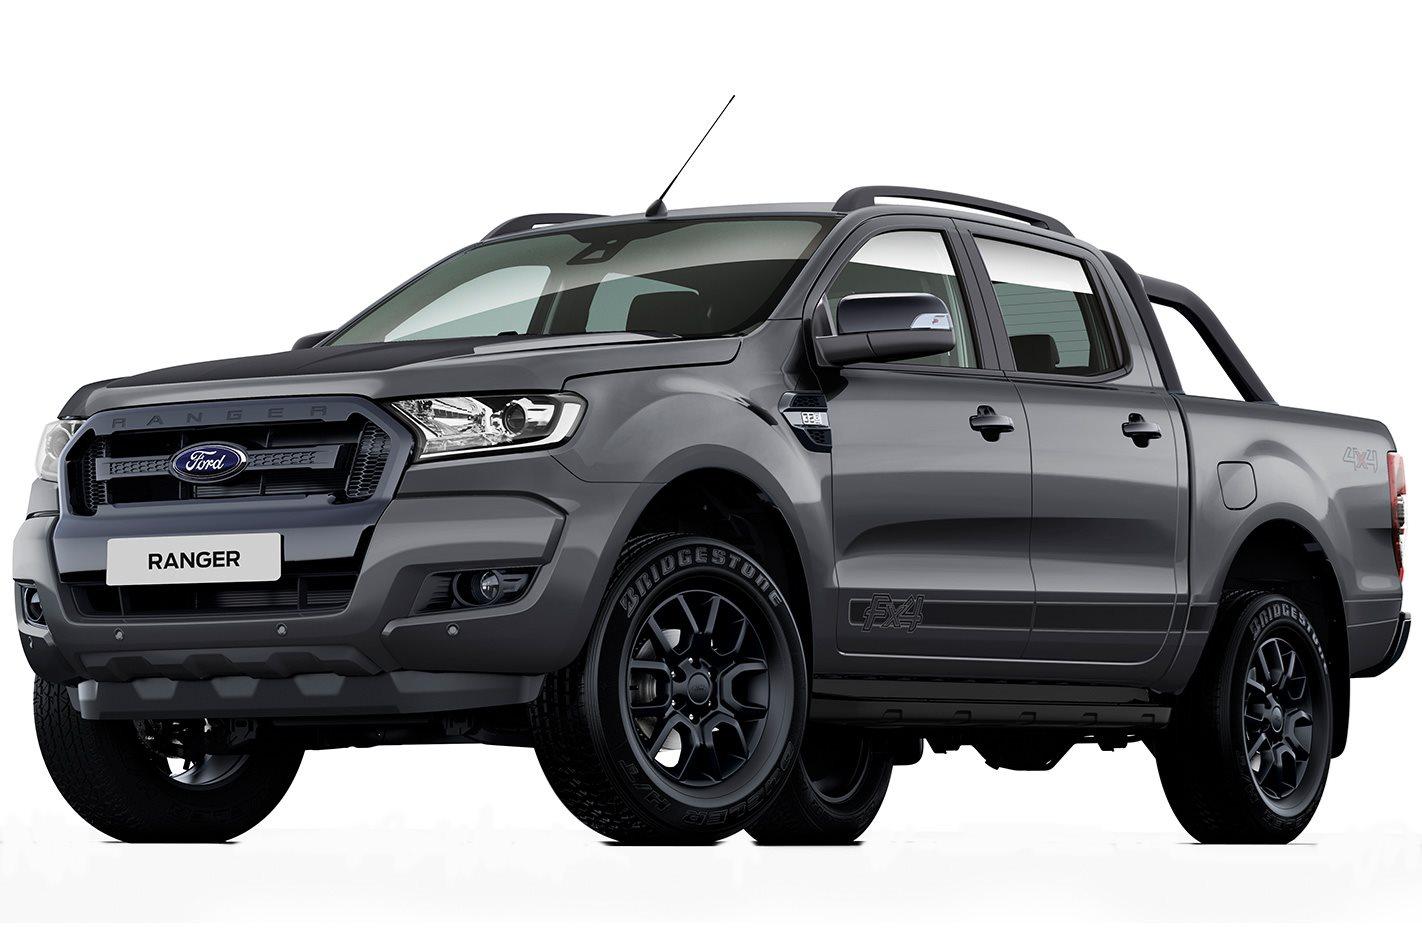 2017 Ford Ranger Ute